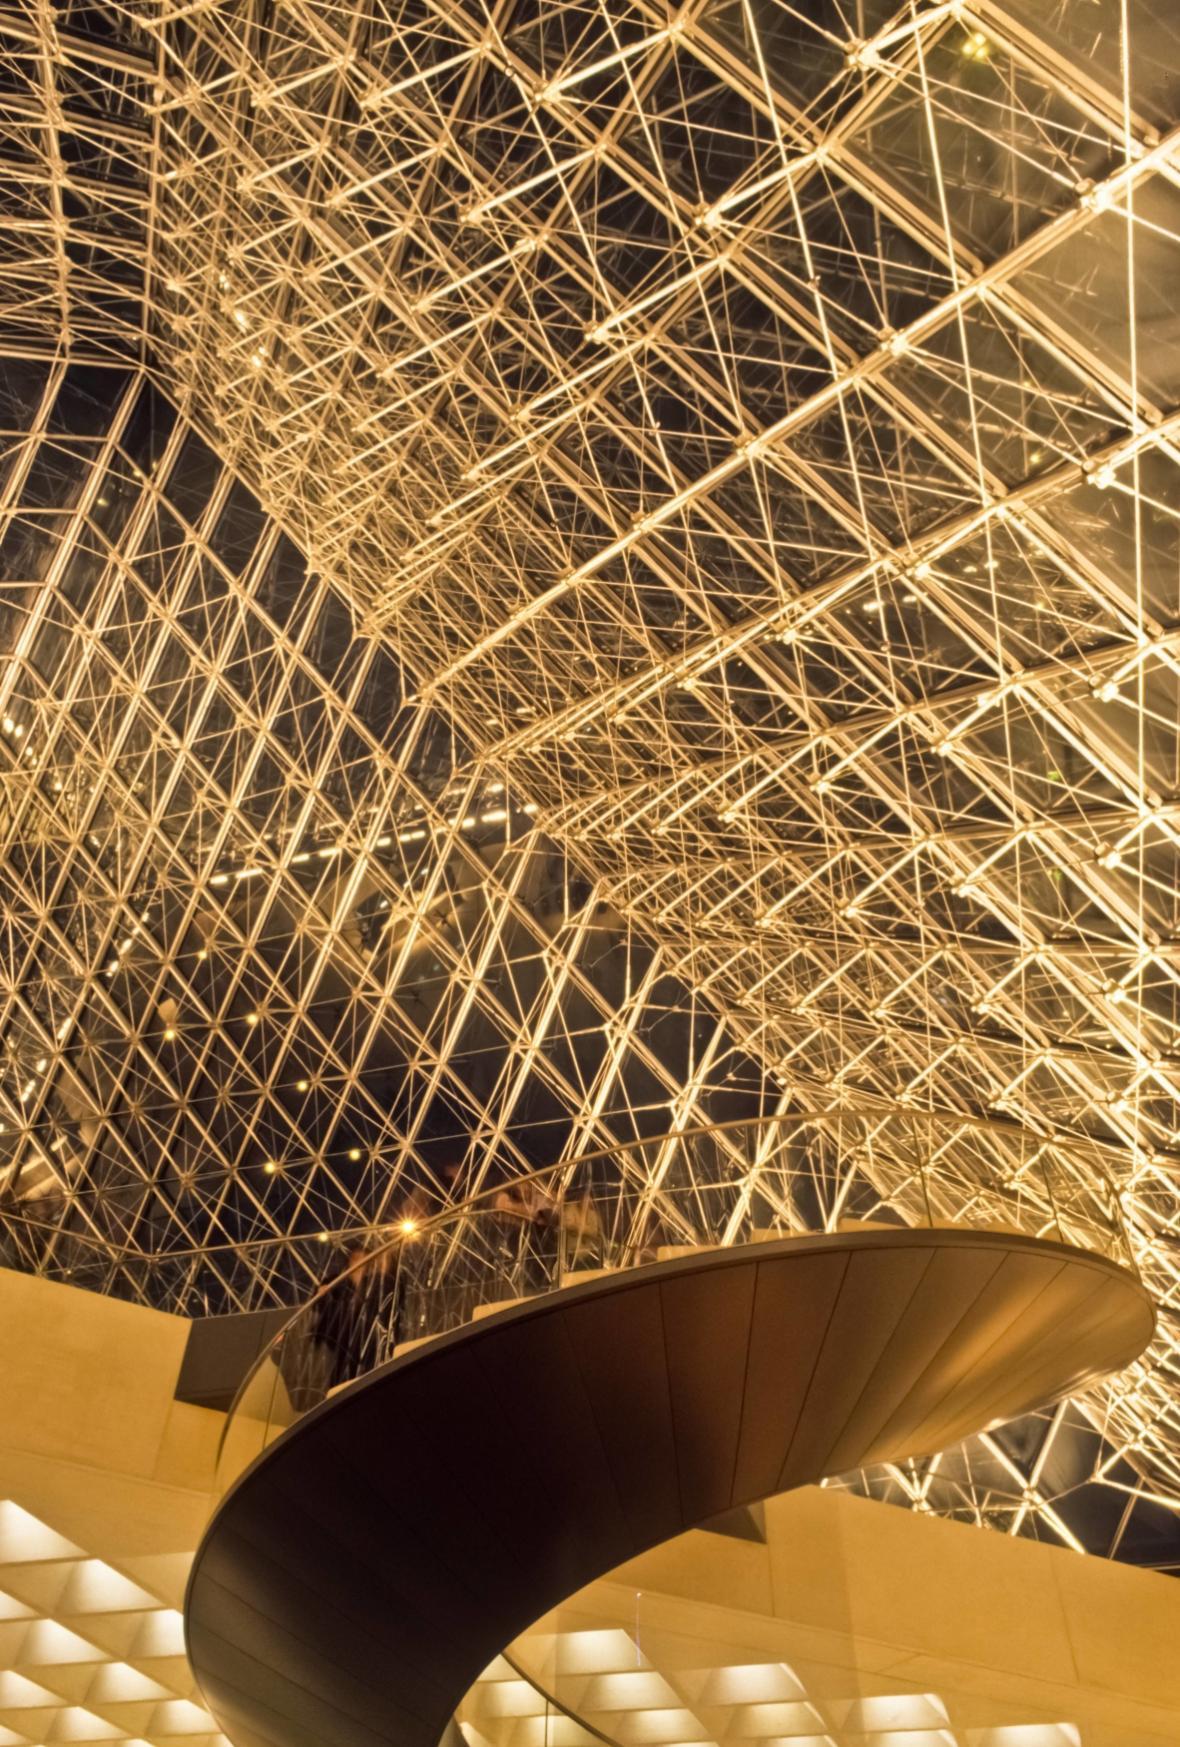 Pyramida v Louvru je prosklená pyramida na hlavním nádvoří Paláce Louvre, která slouží jako hlavní vchod do muzea Louvre v Paříži.